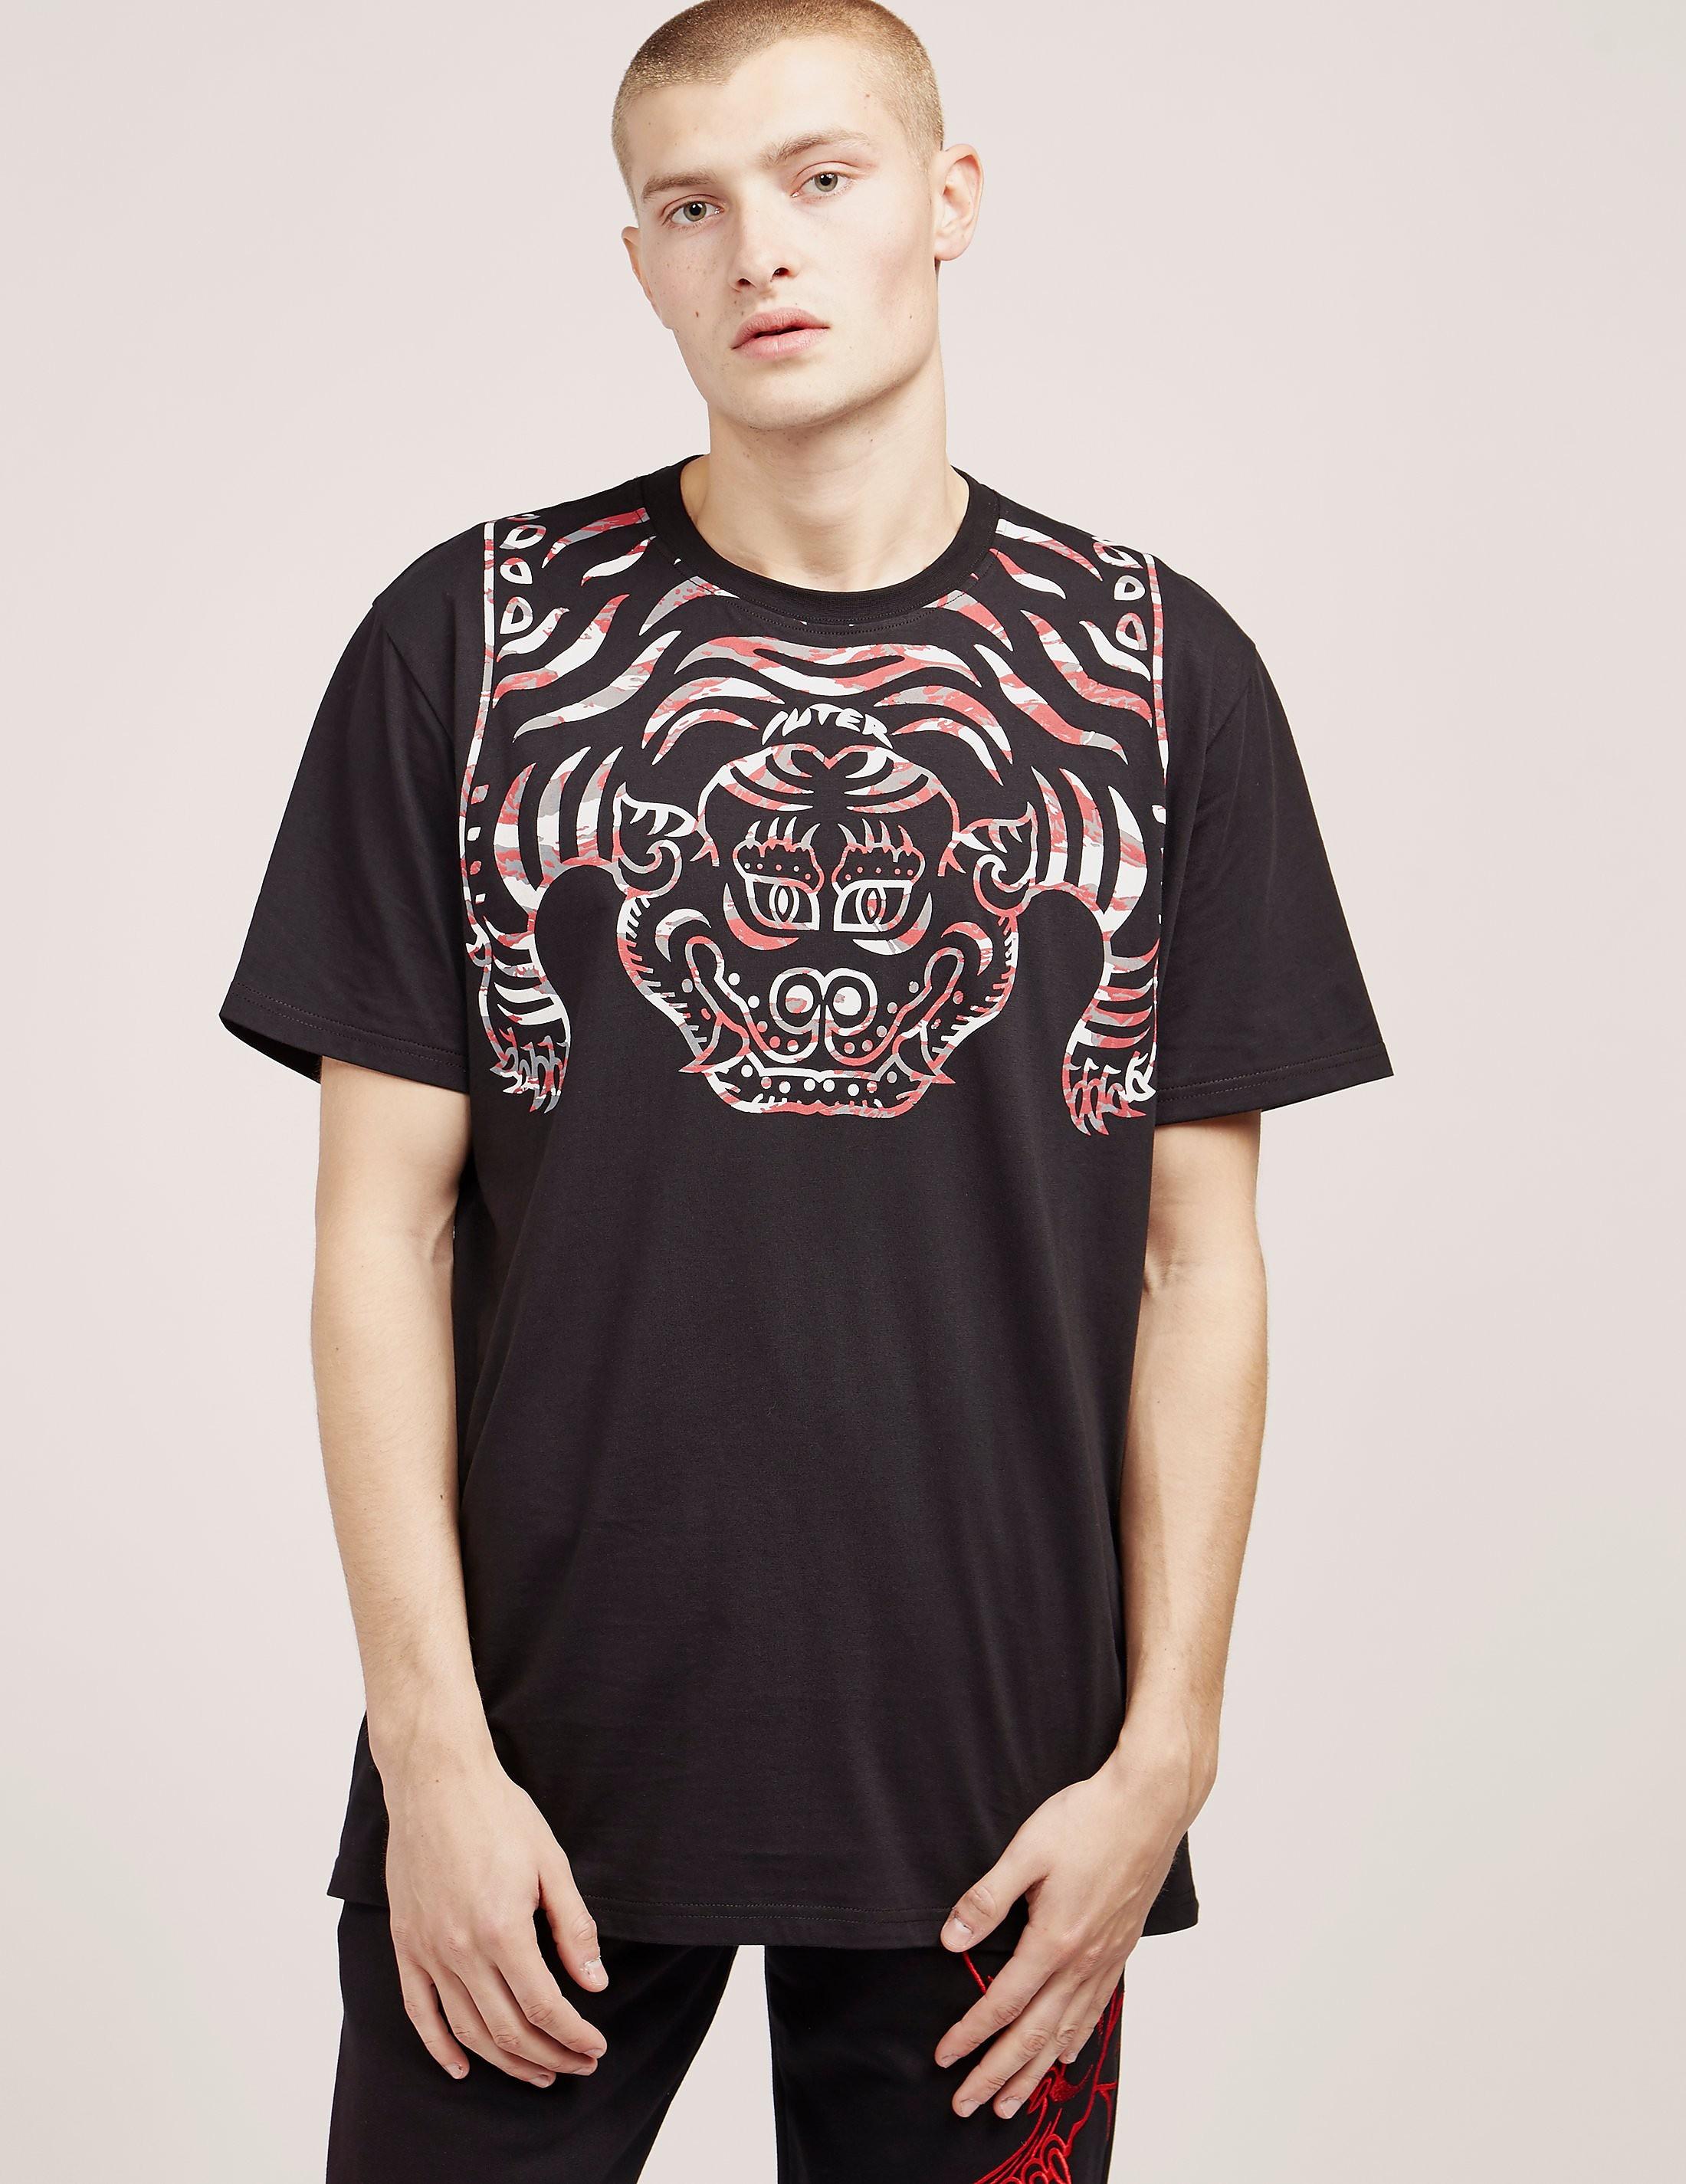 IUTER Tibetan Short Sleeve T-Shirt - Exclusive